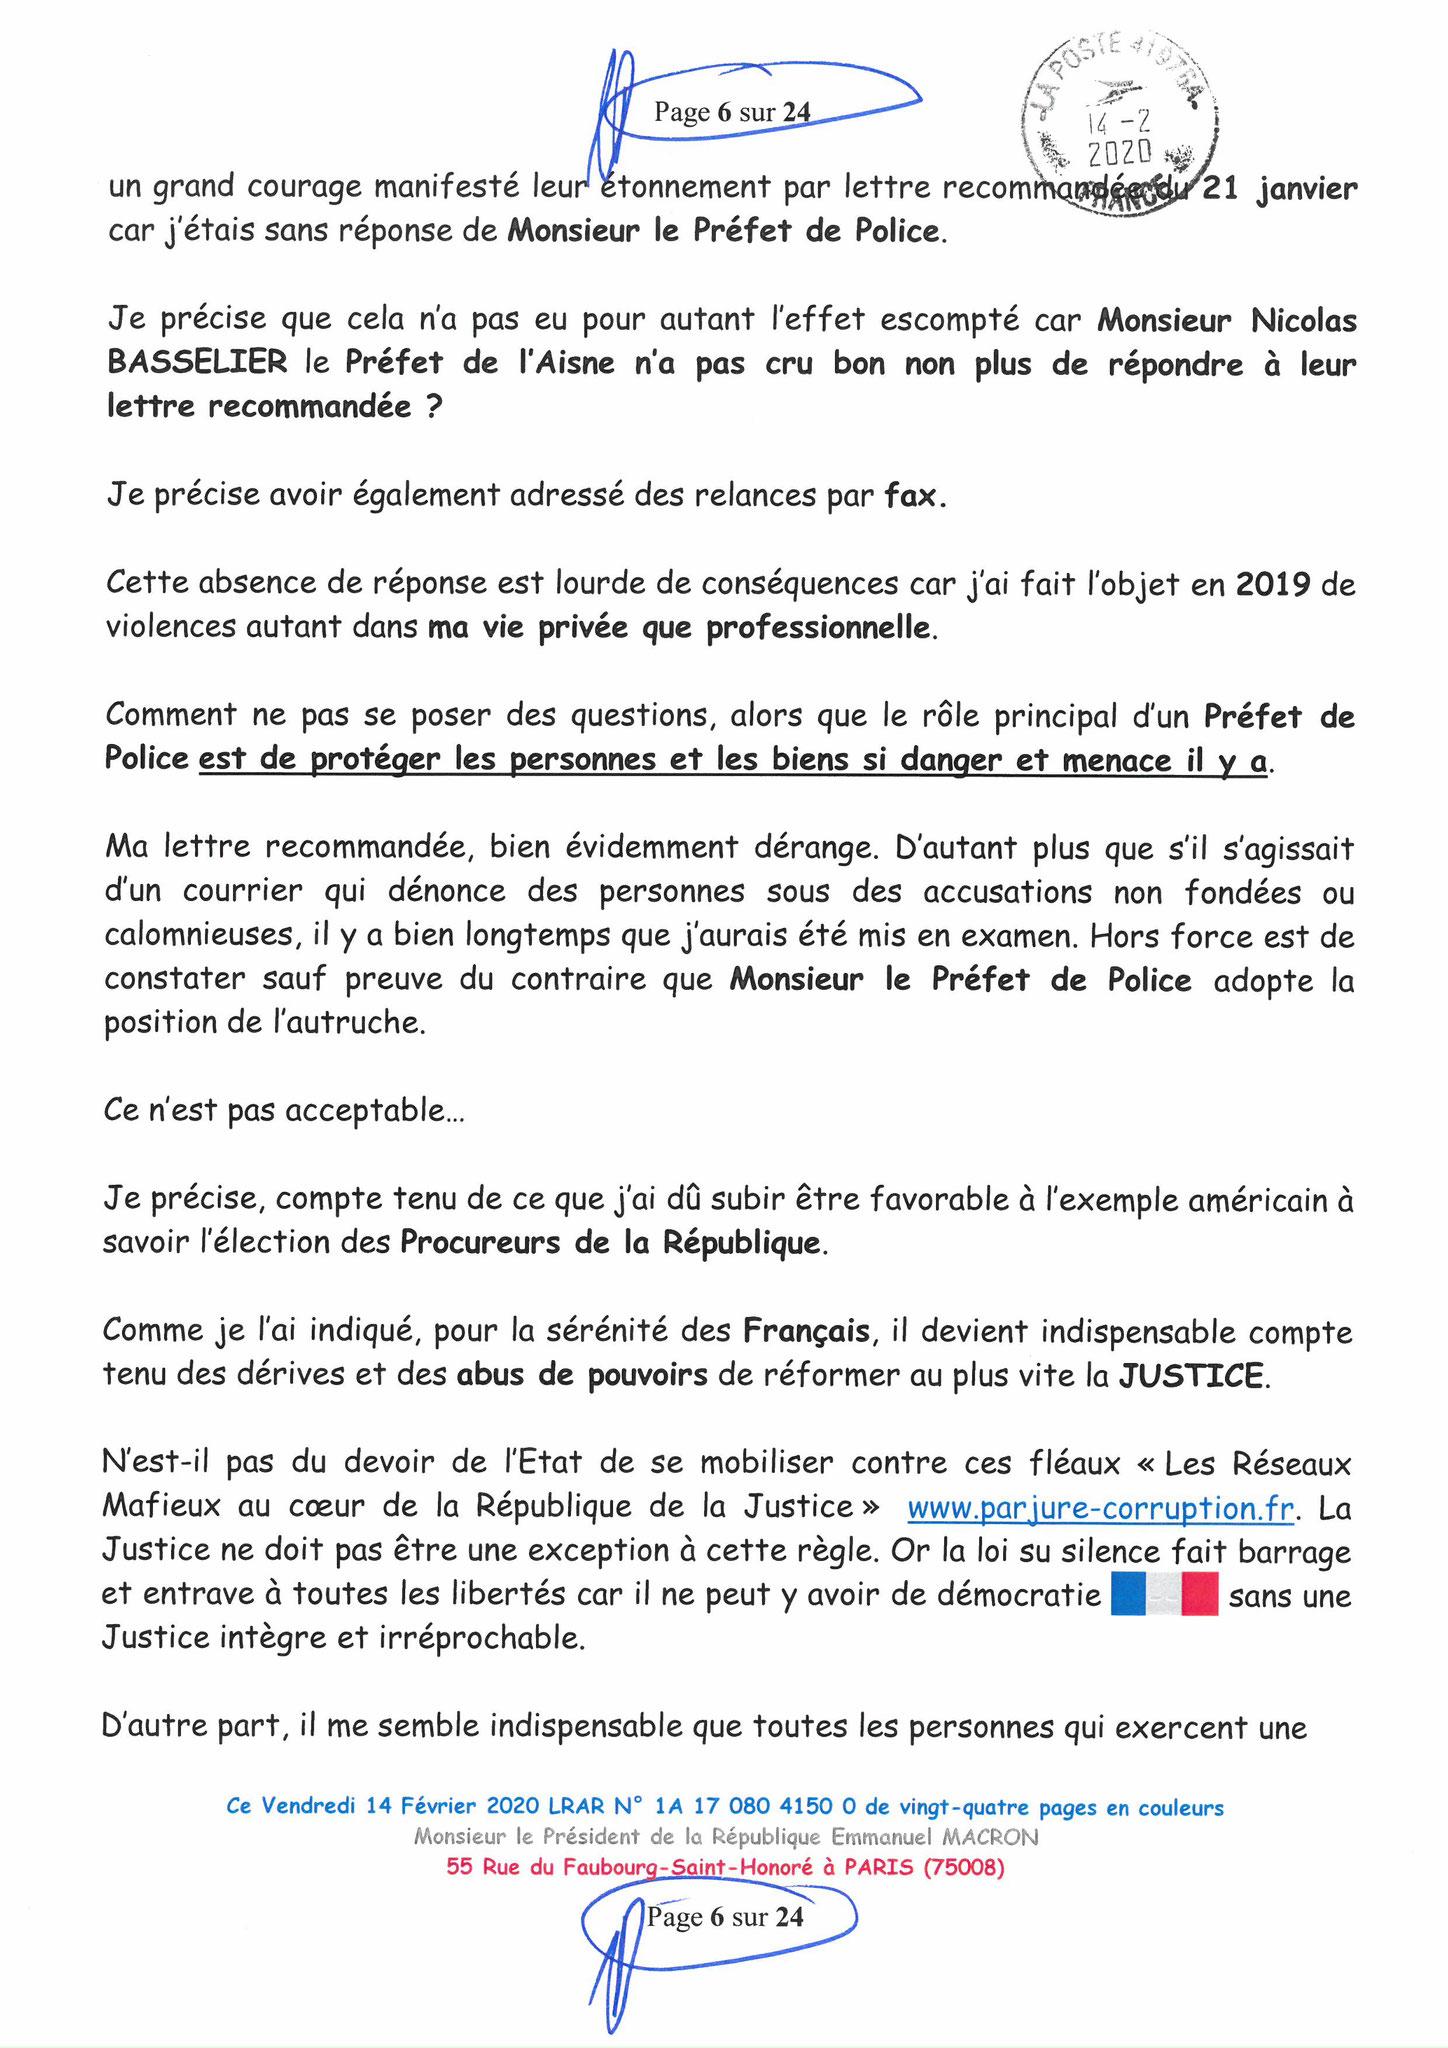 Ma lettre recommandée du 14 Février 2020 N° 1A 178 082 4150 0  page 6 sur 24 en couleur que j'ai adressé à Monsieur Emmanuel MACRON le Président de la République www.jesuispatrick.fr